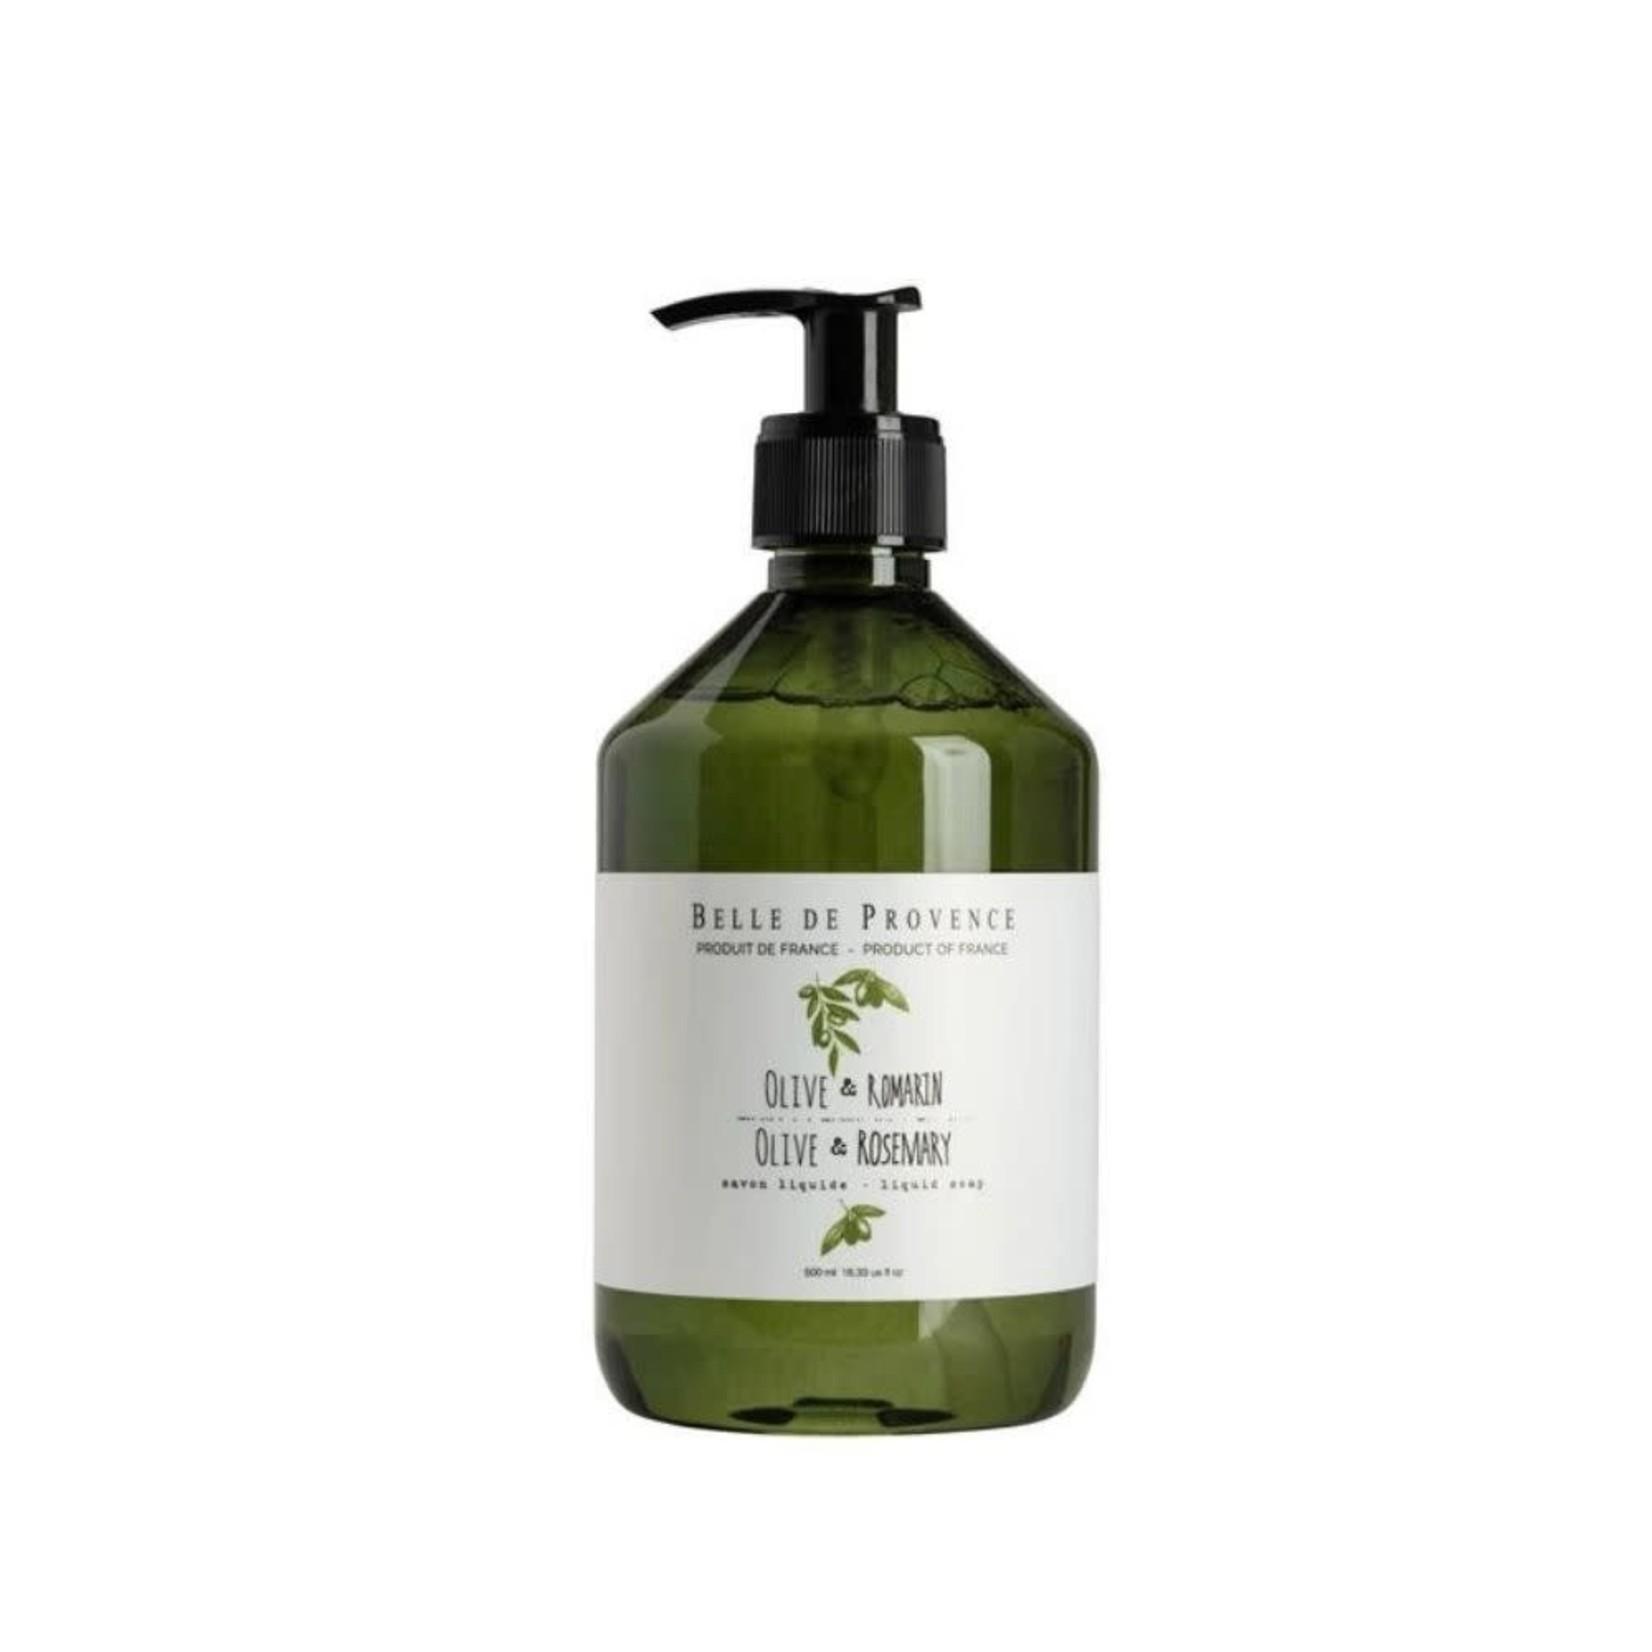 Olive & Rosemary, 500ml Liquid Soap